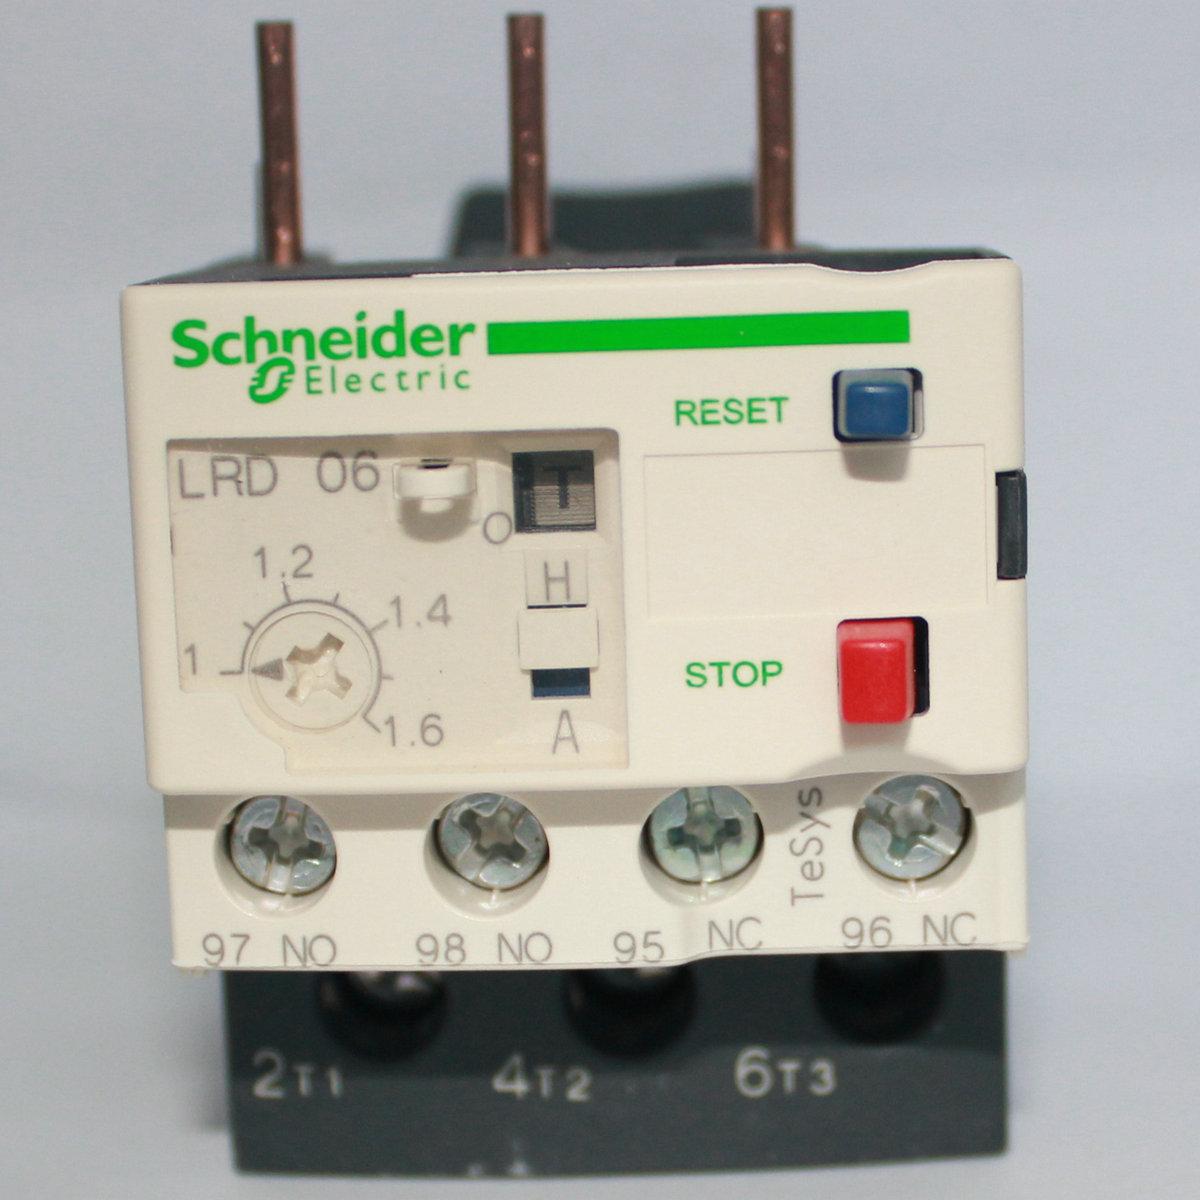 供应施耐德schneider LRD02C质量保证 假一罚十0.16-0.25A热继